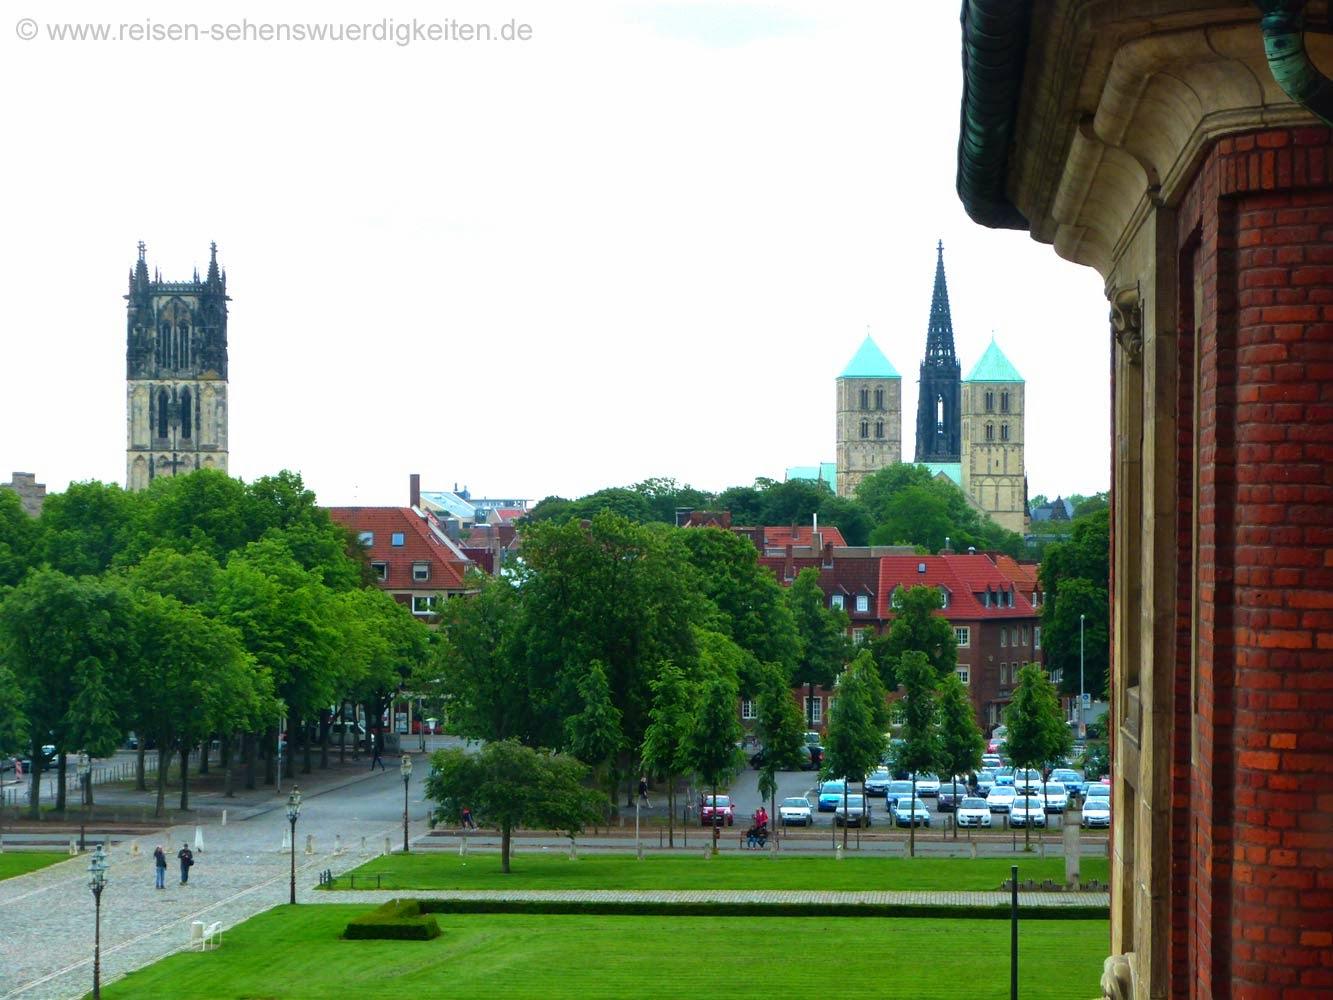 Blick aus dem Schloss auf die Innenstadt von Münster